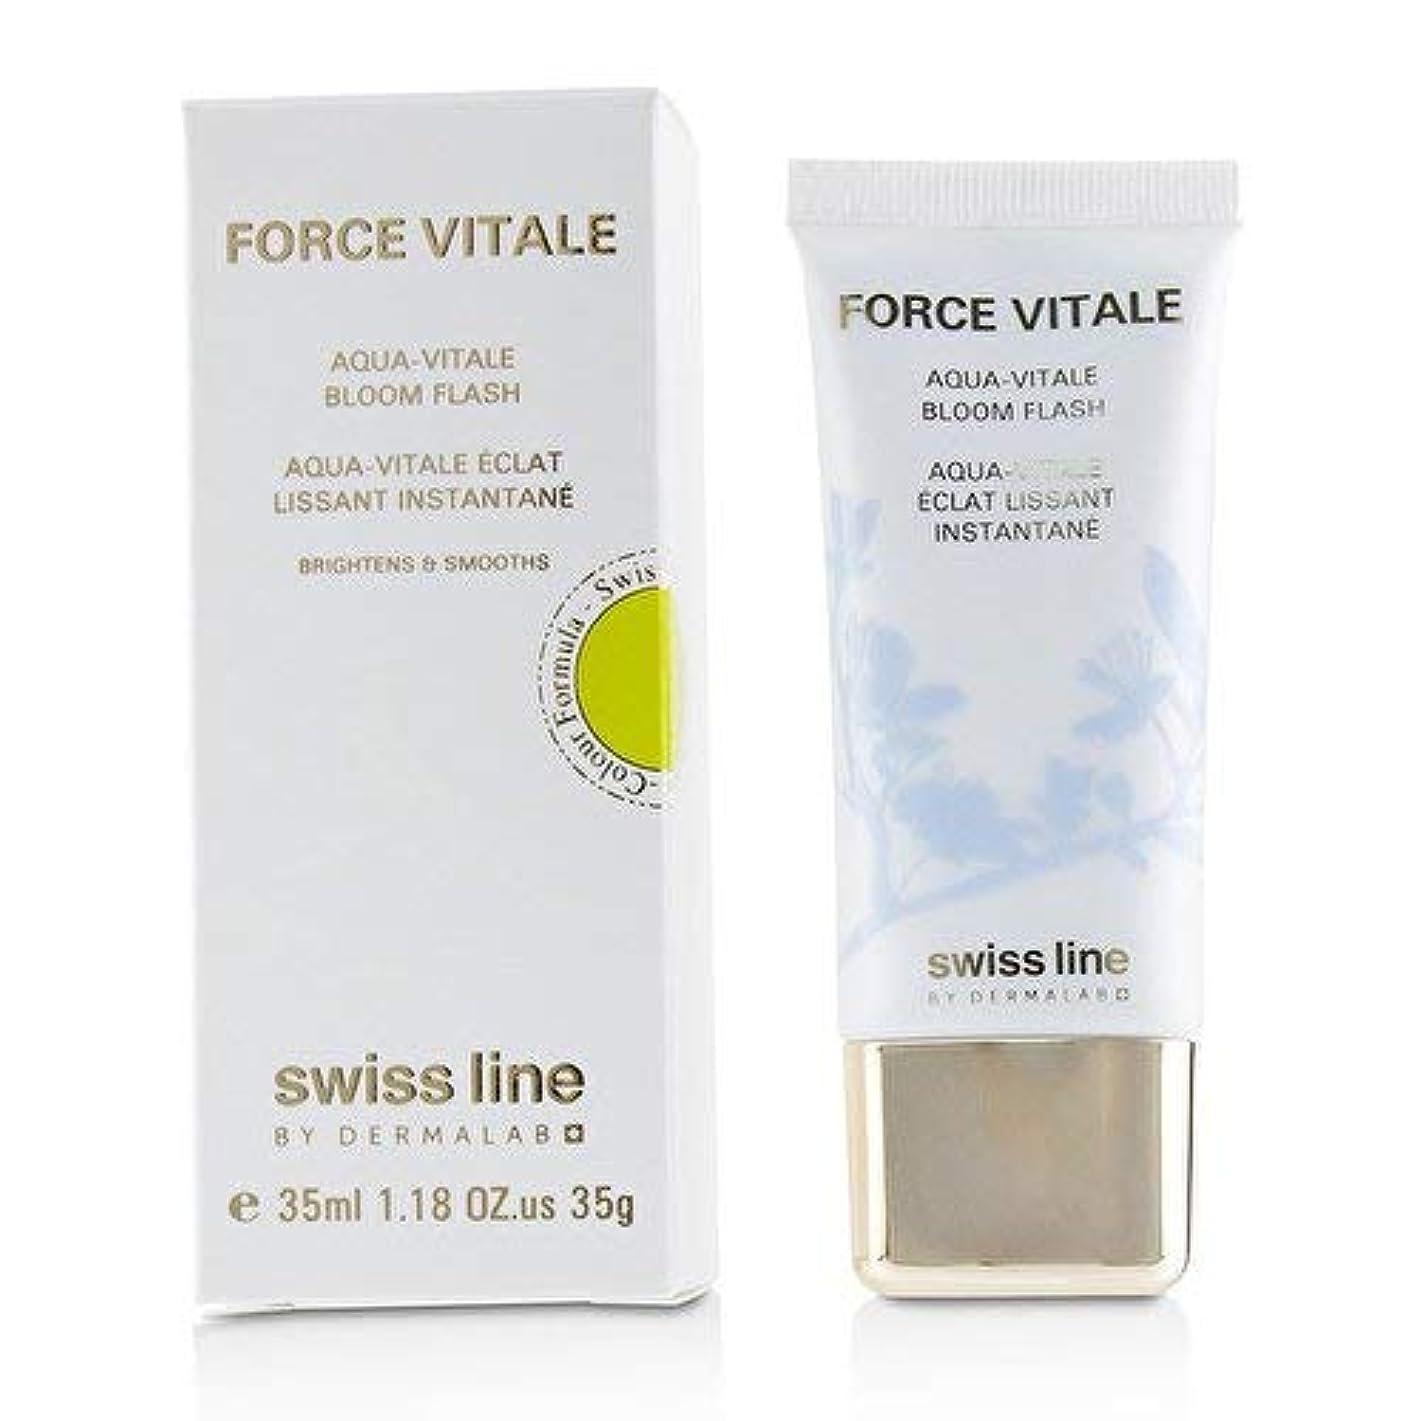 スイスライン Force Vitale Aqua-Vitale Bloom Flash 35ml並行輸入品